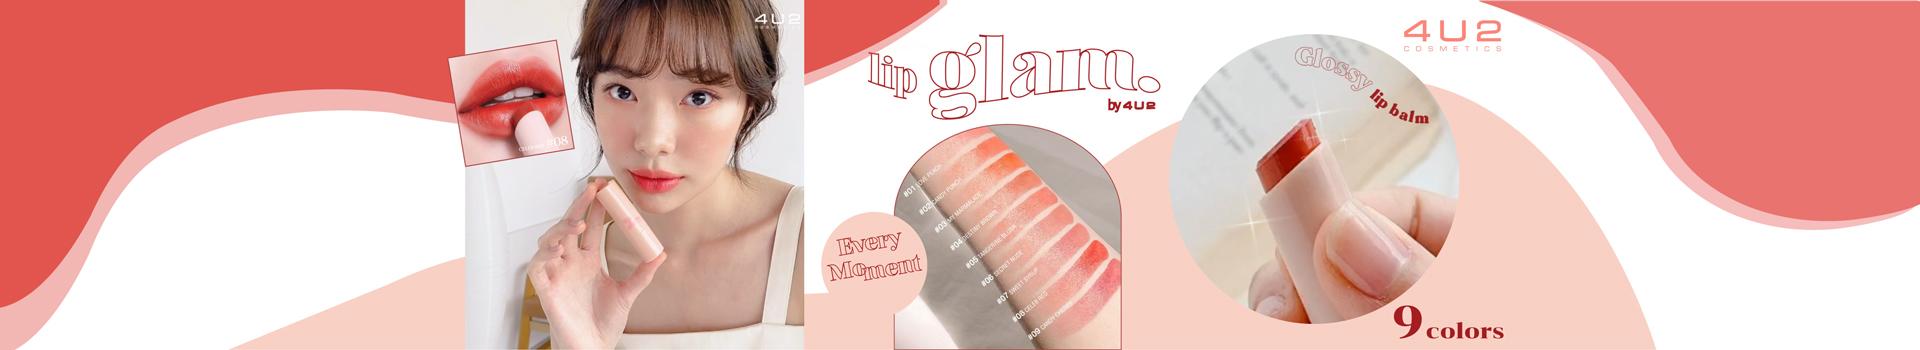 BEAUTRIUM x 4U2 Cosmetics Lip Gram